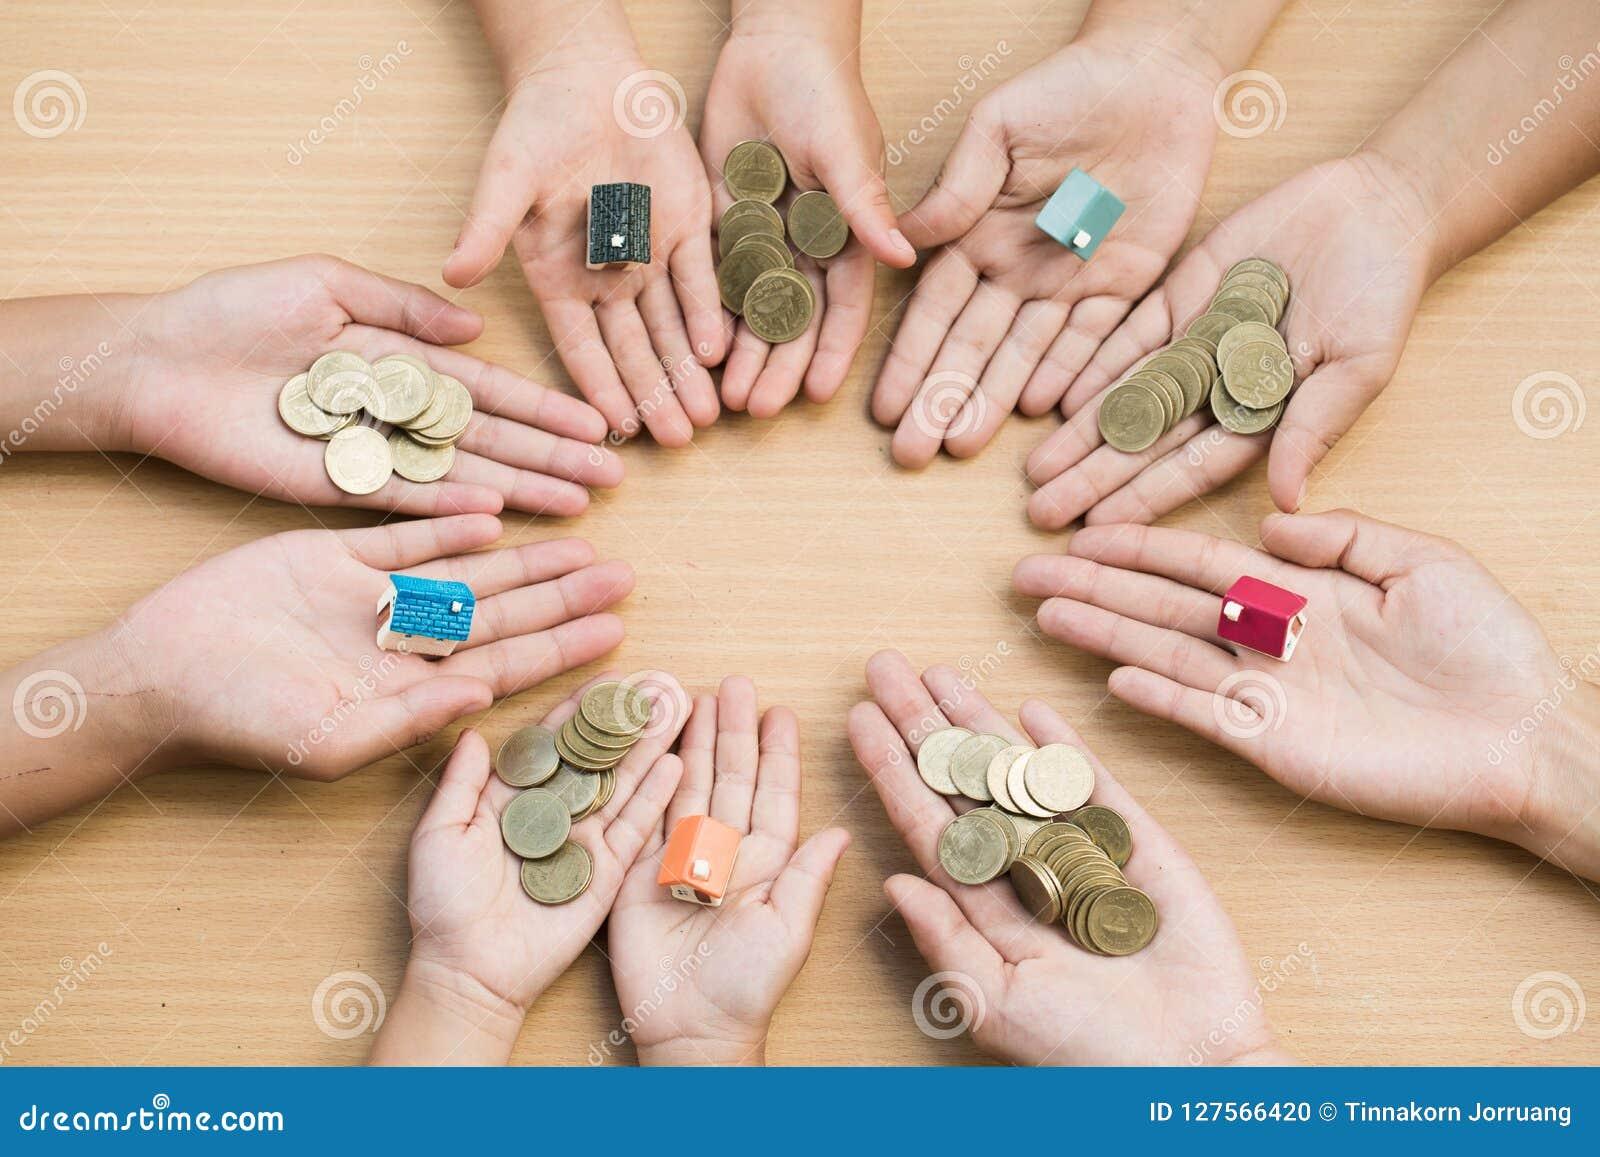 Młodości przedstawienia ręka trzyma wzorcowego dom i drewniany bac moneta